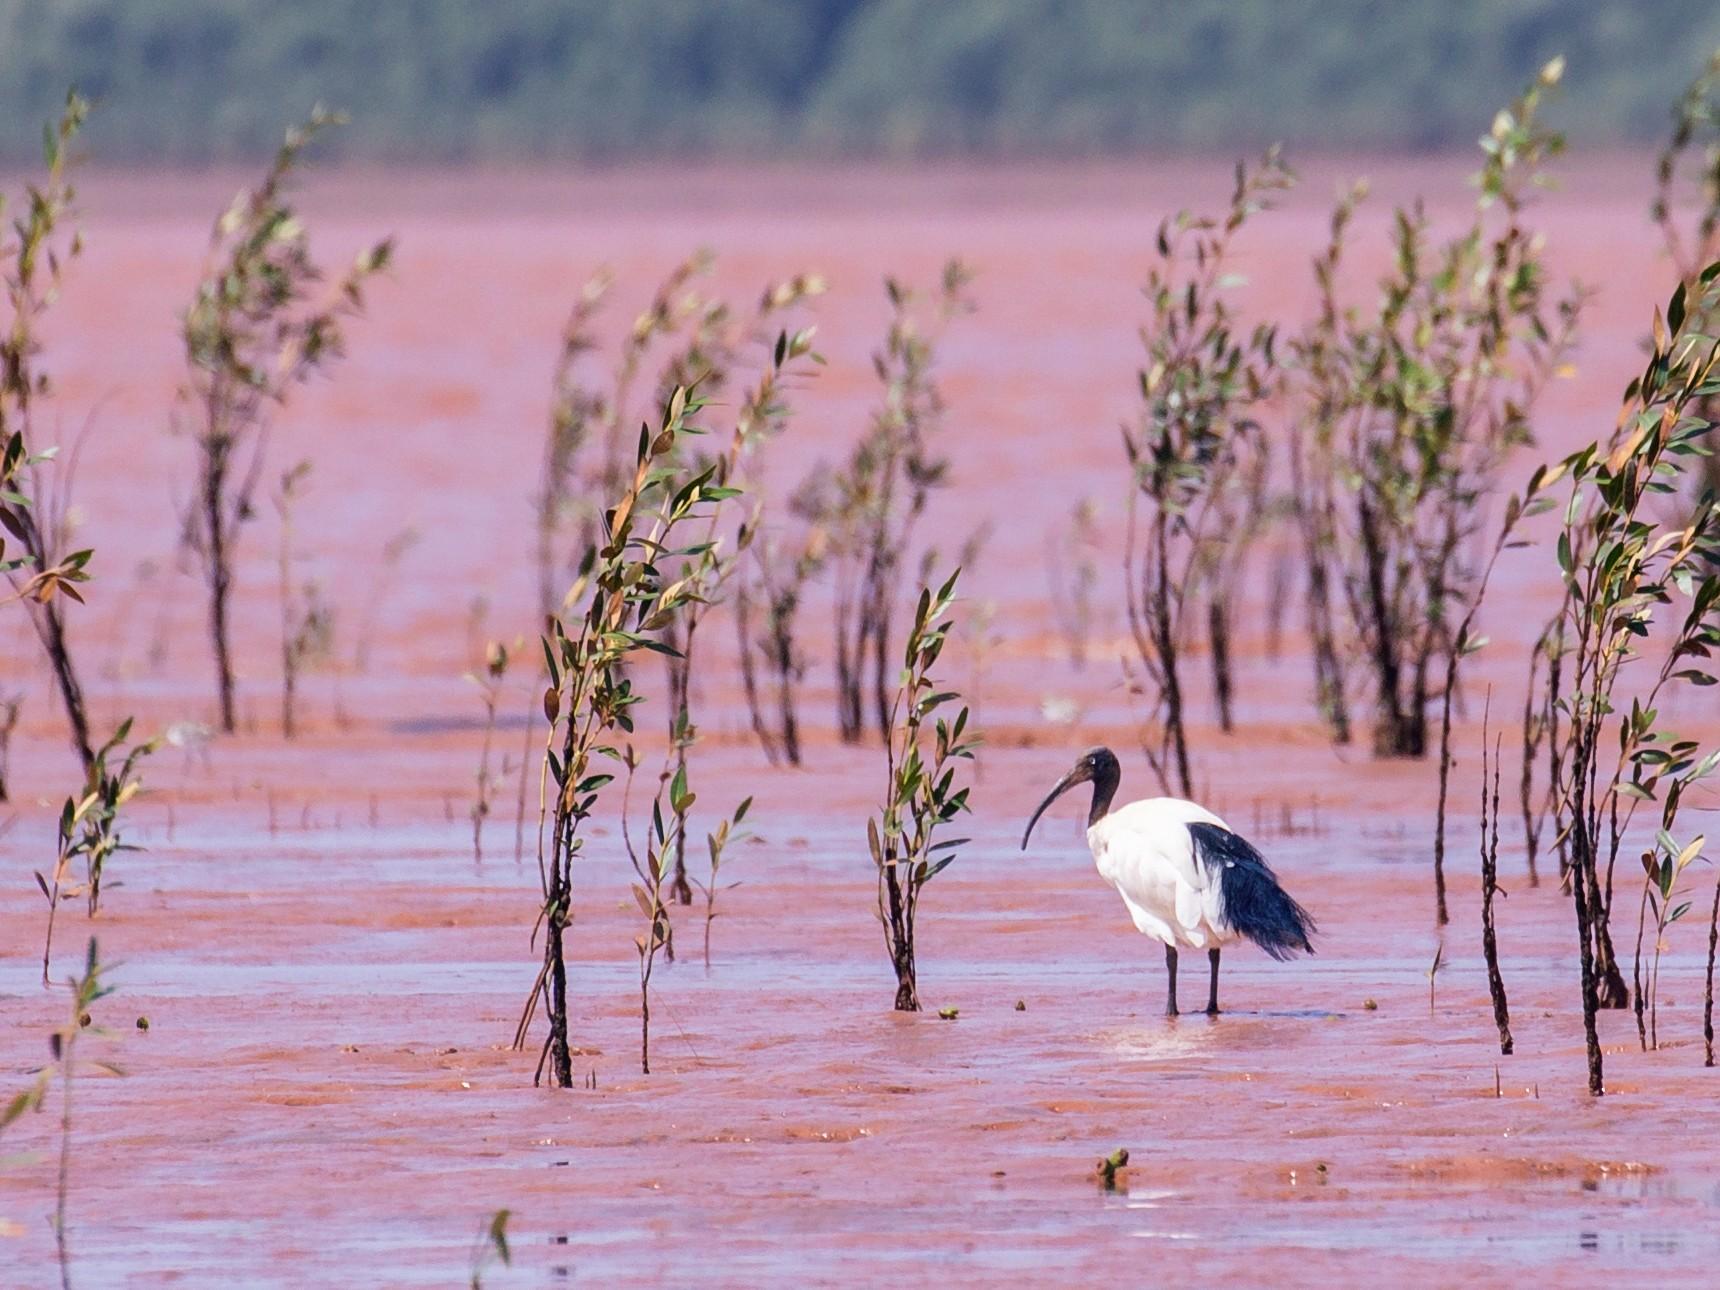 Madagascar Sacred Ibis - Simon Lane